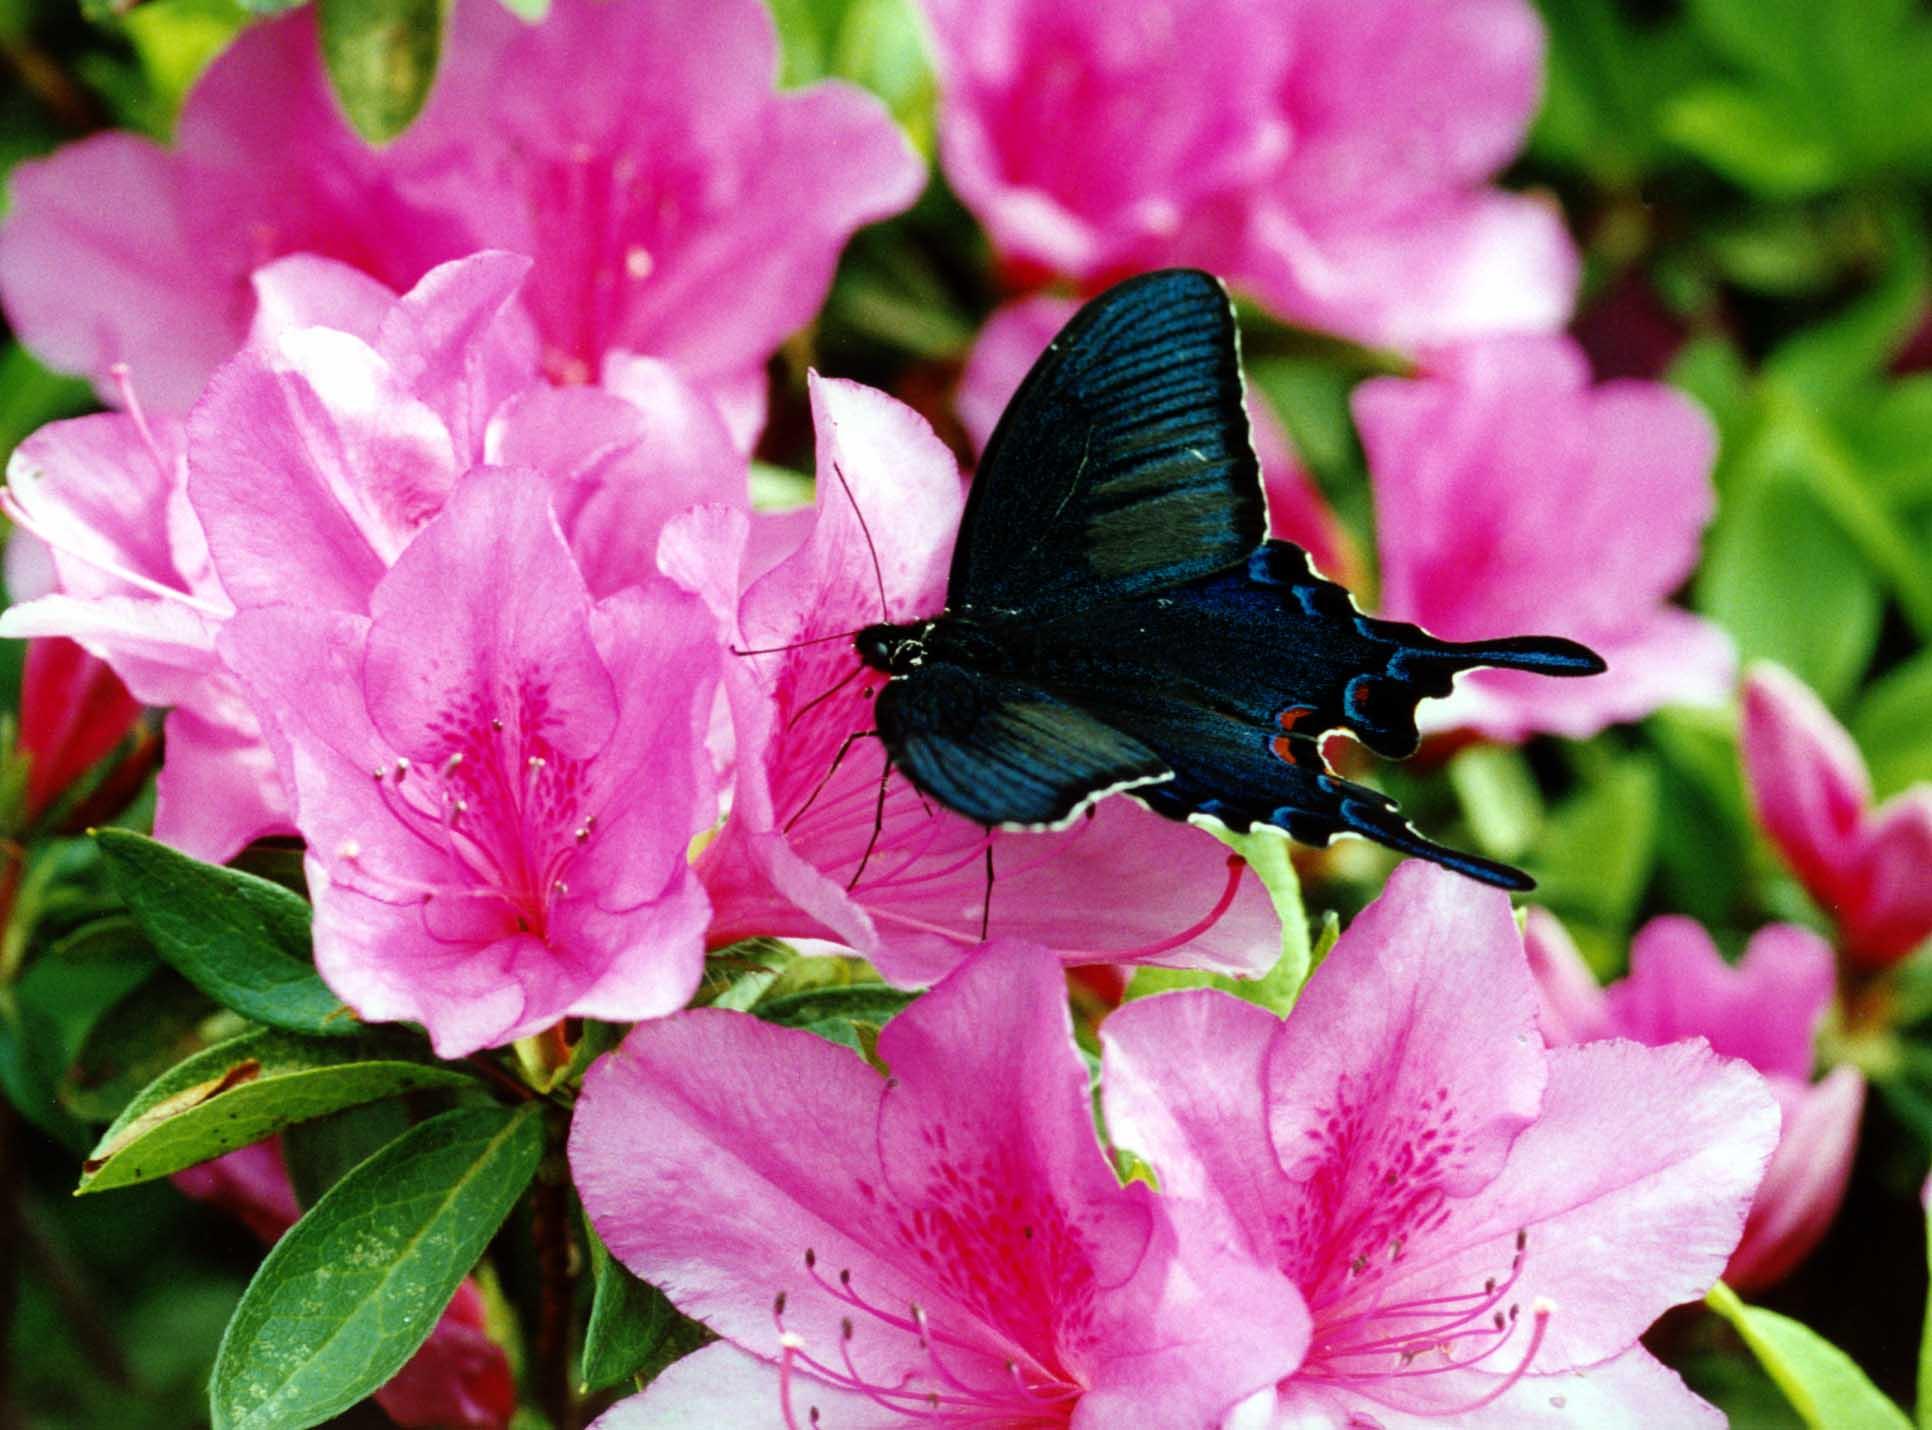 カラスアゲハ(春) ツツジに吸蜜に訪れたカラスアゲハ